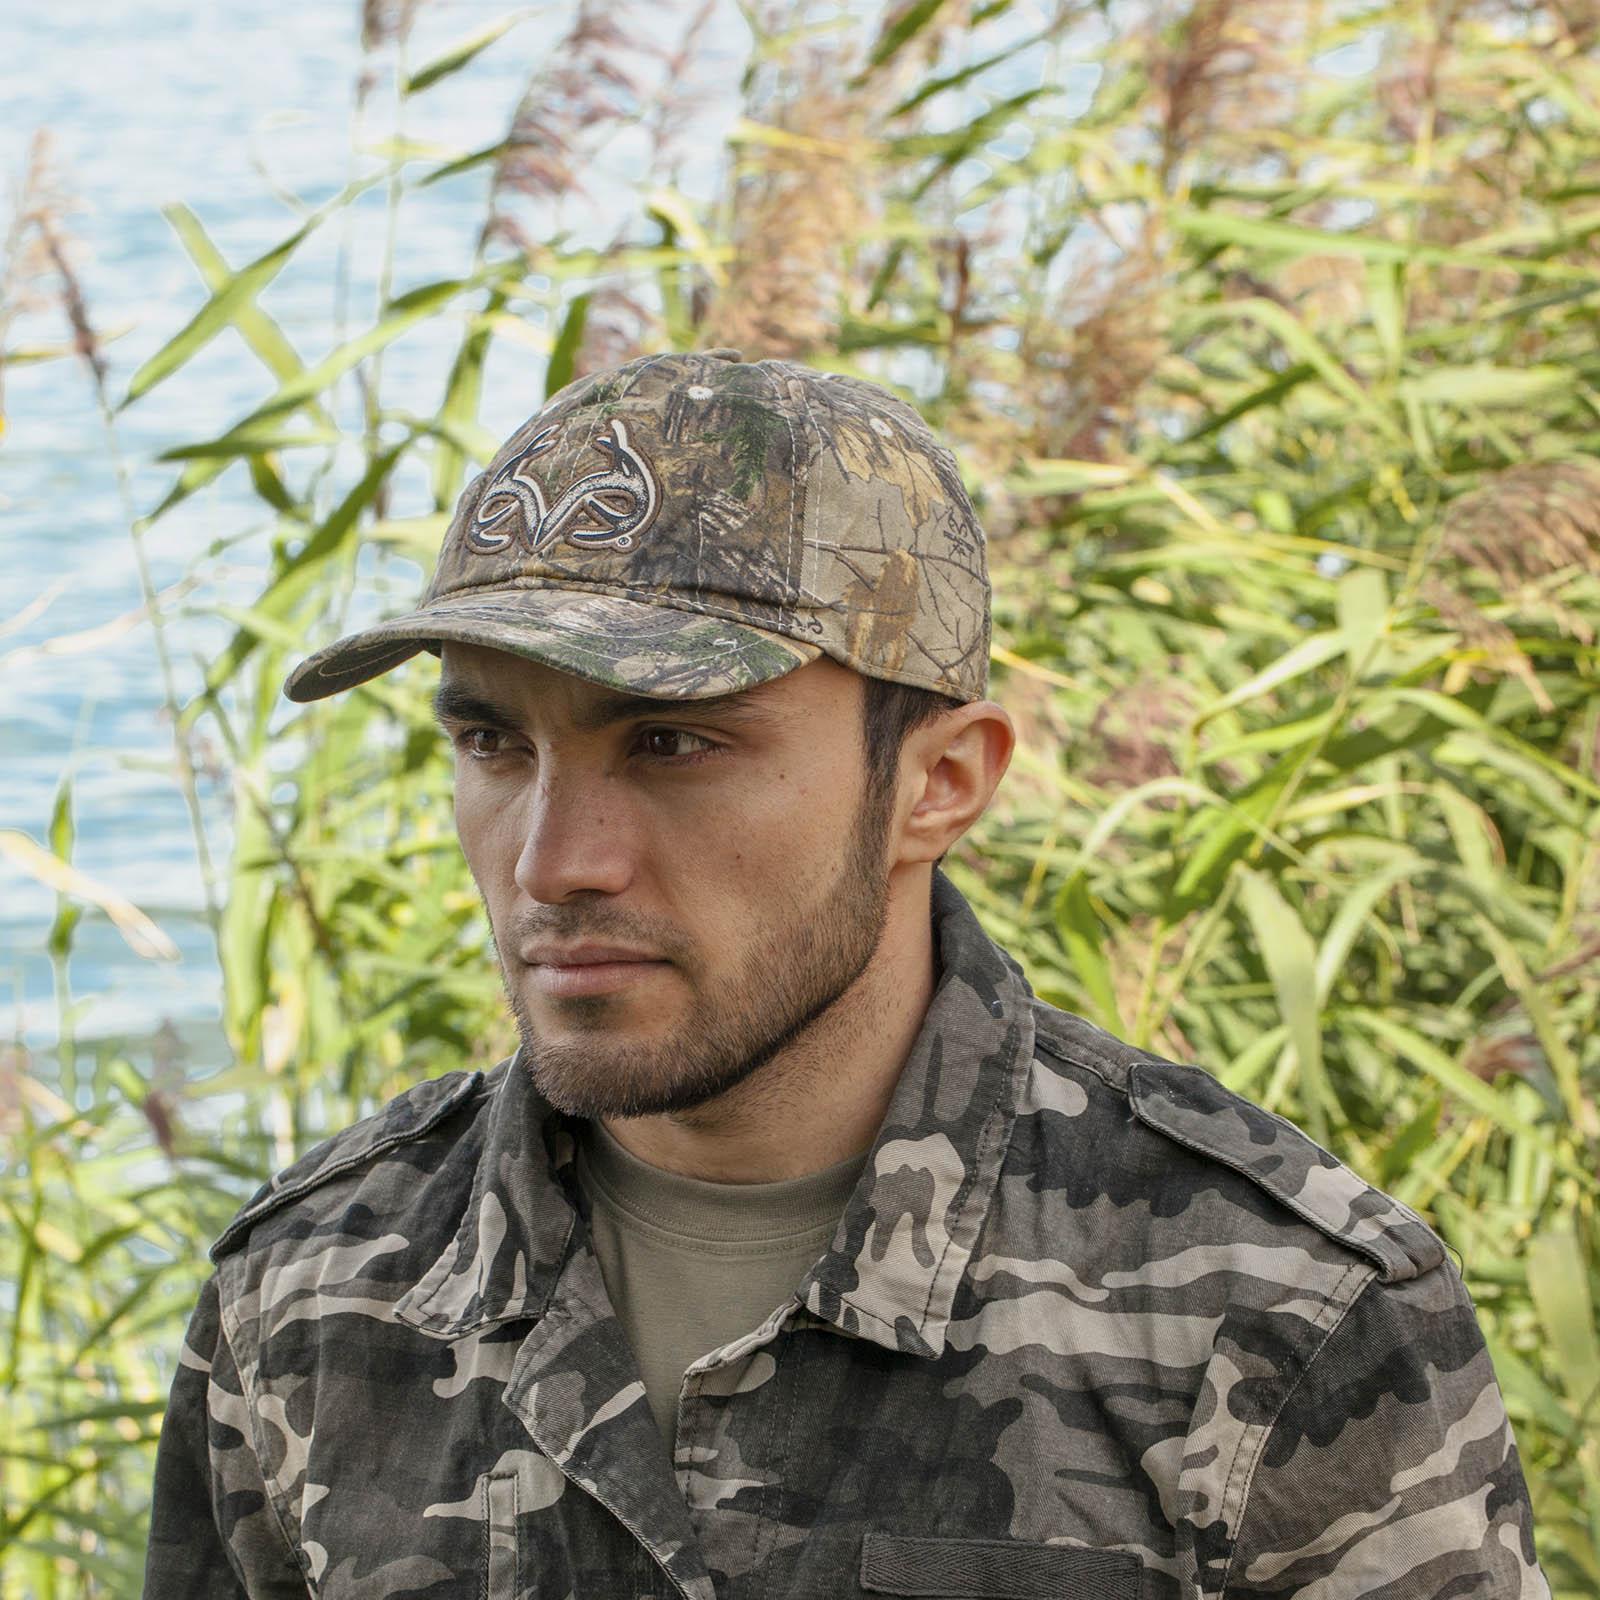 Купить в военторге недорогую кепку охотника